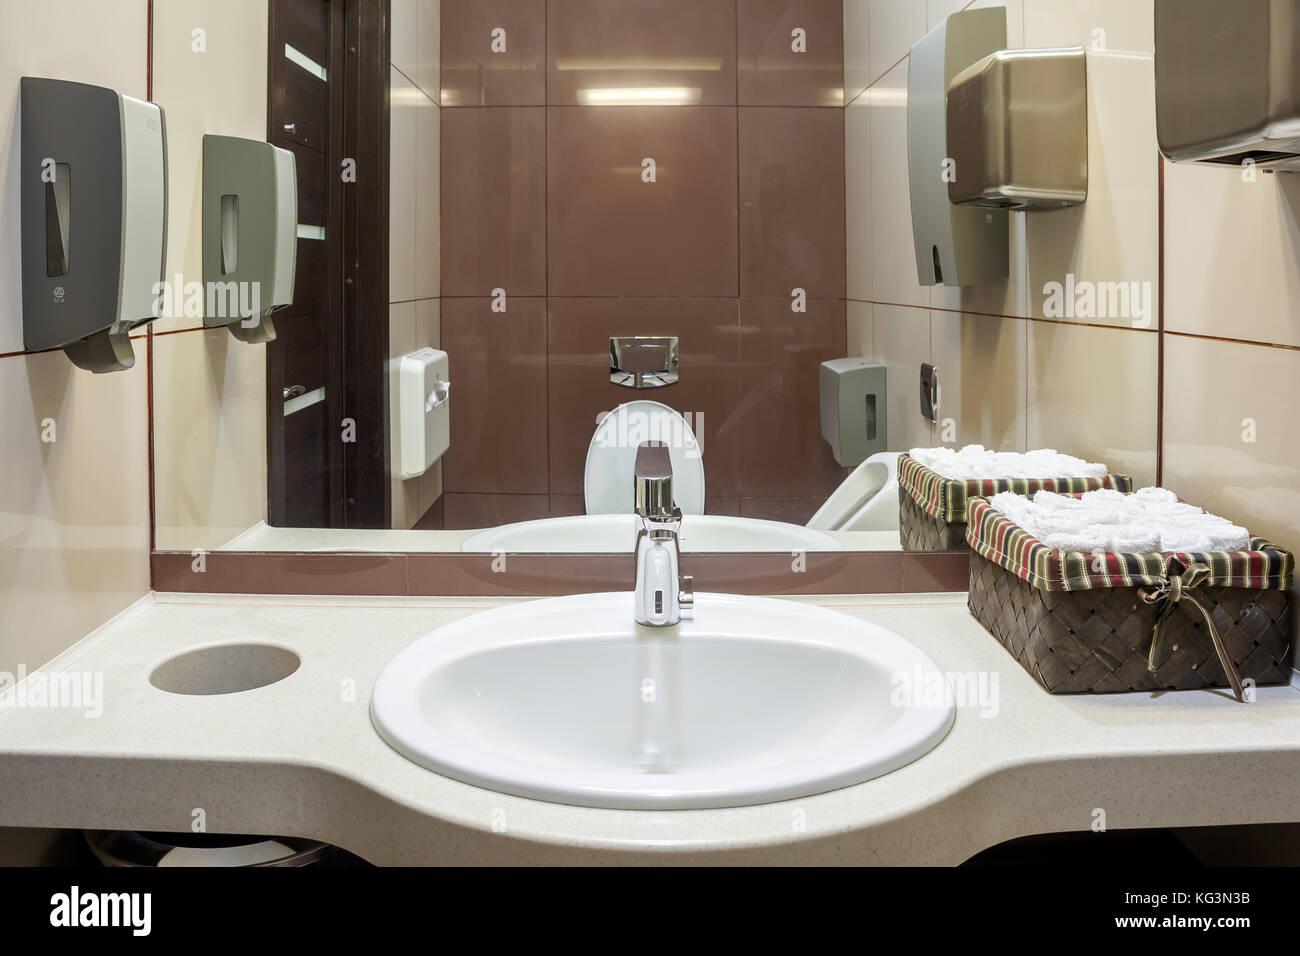 Grand Lavabo Blanc Dans Les Toilettes Avec Des Serviettes De Papier